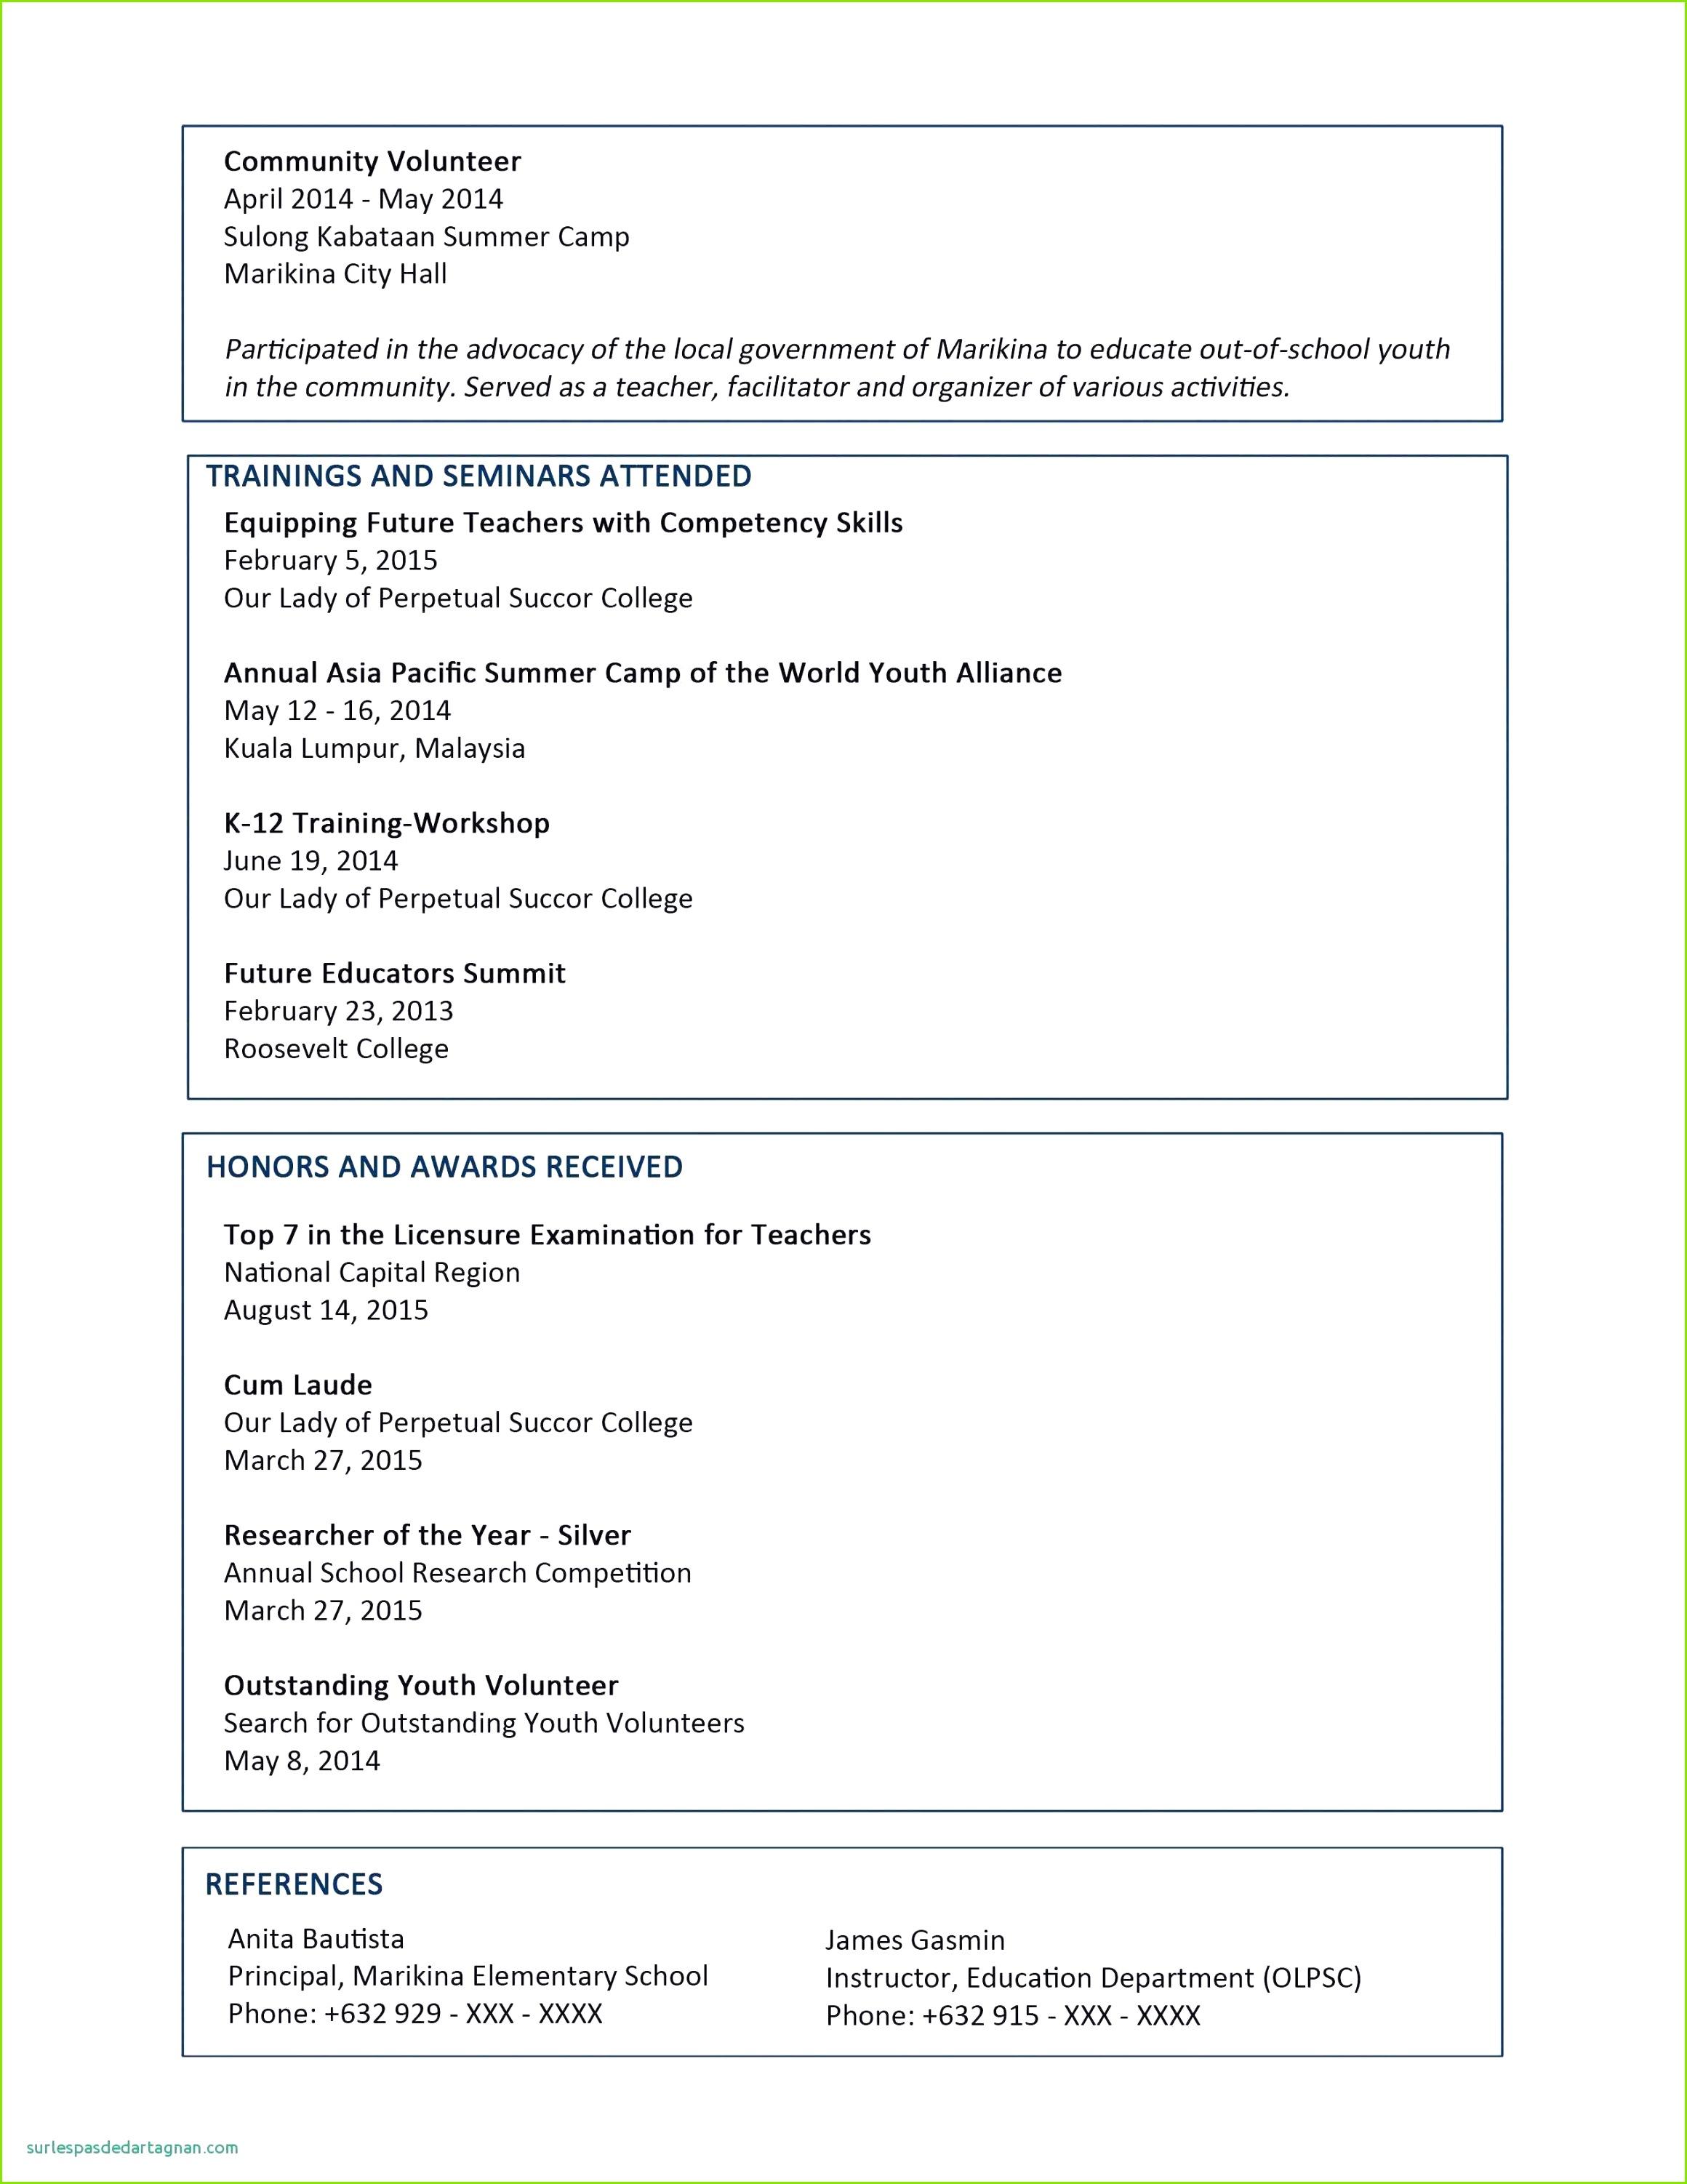 Beautiful Email Templates Free New Design Server Resume Template Fresh Resume Letter Best formatted Resume 0d Design Vorlagen – Kündigung Handyvertrag O2